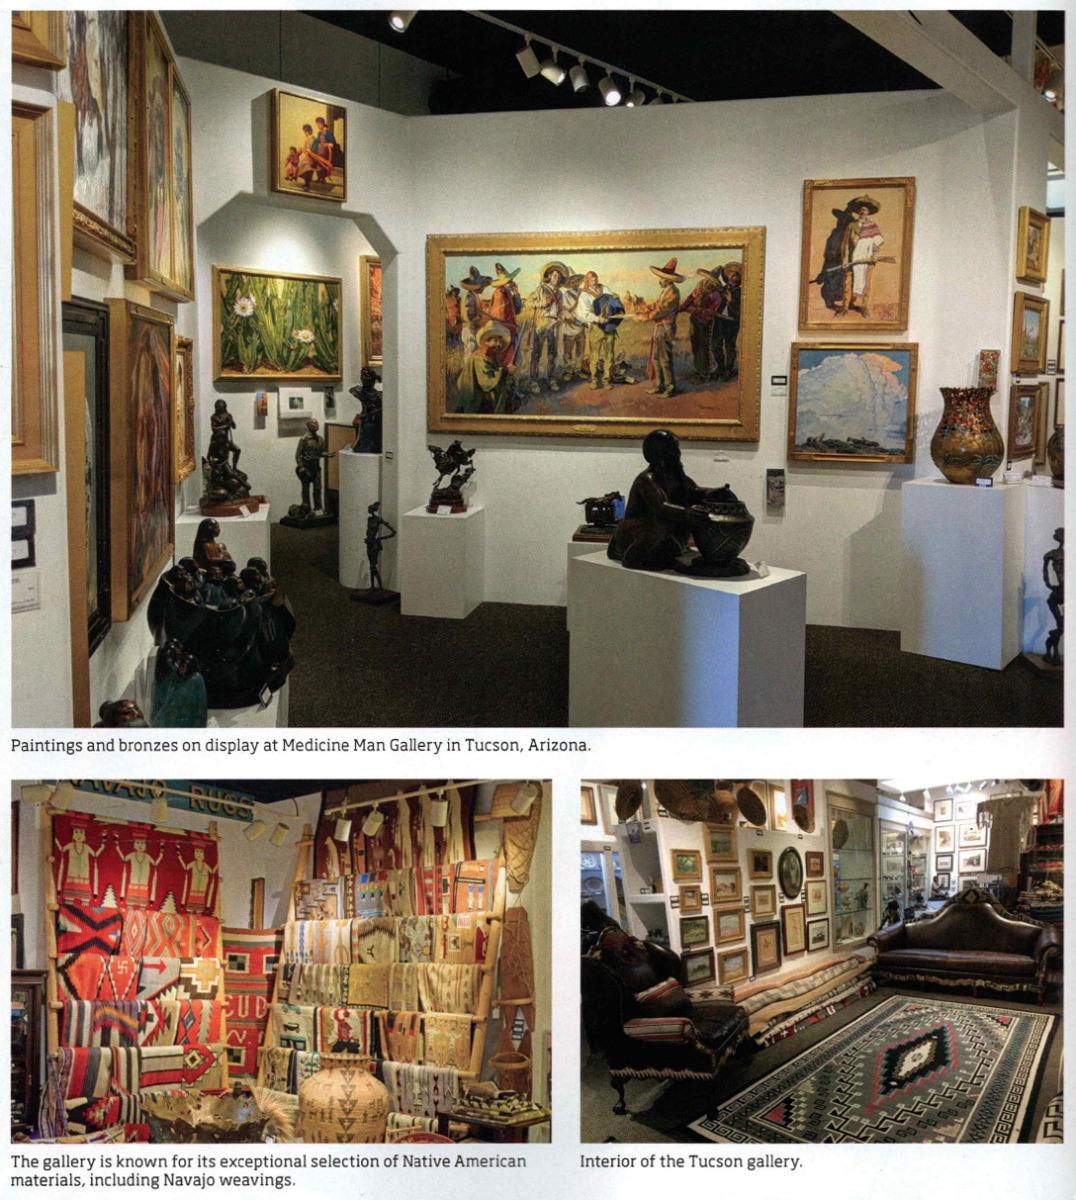 Medicine Man Gallery Interior